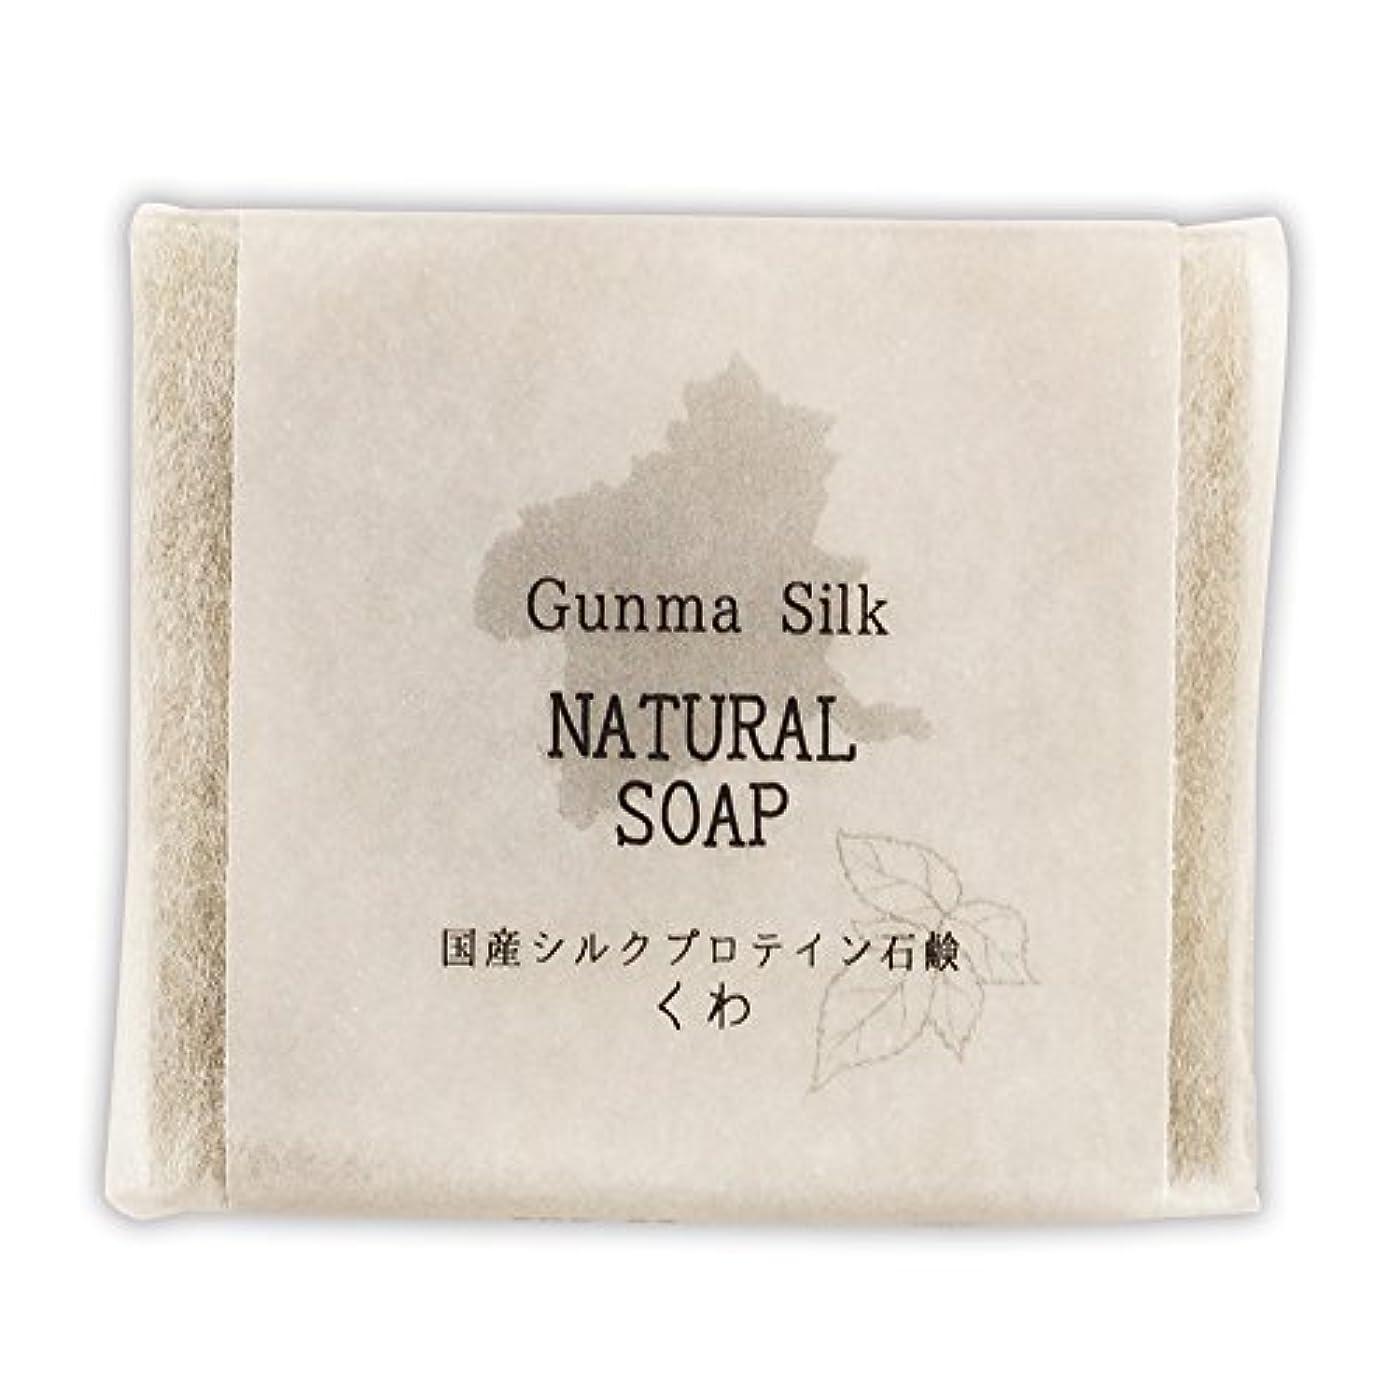 こどもの日導体量BN 国産シルクプロテイン石鹸 くわ SKS-03 (1個)